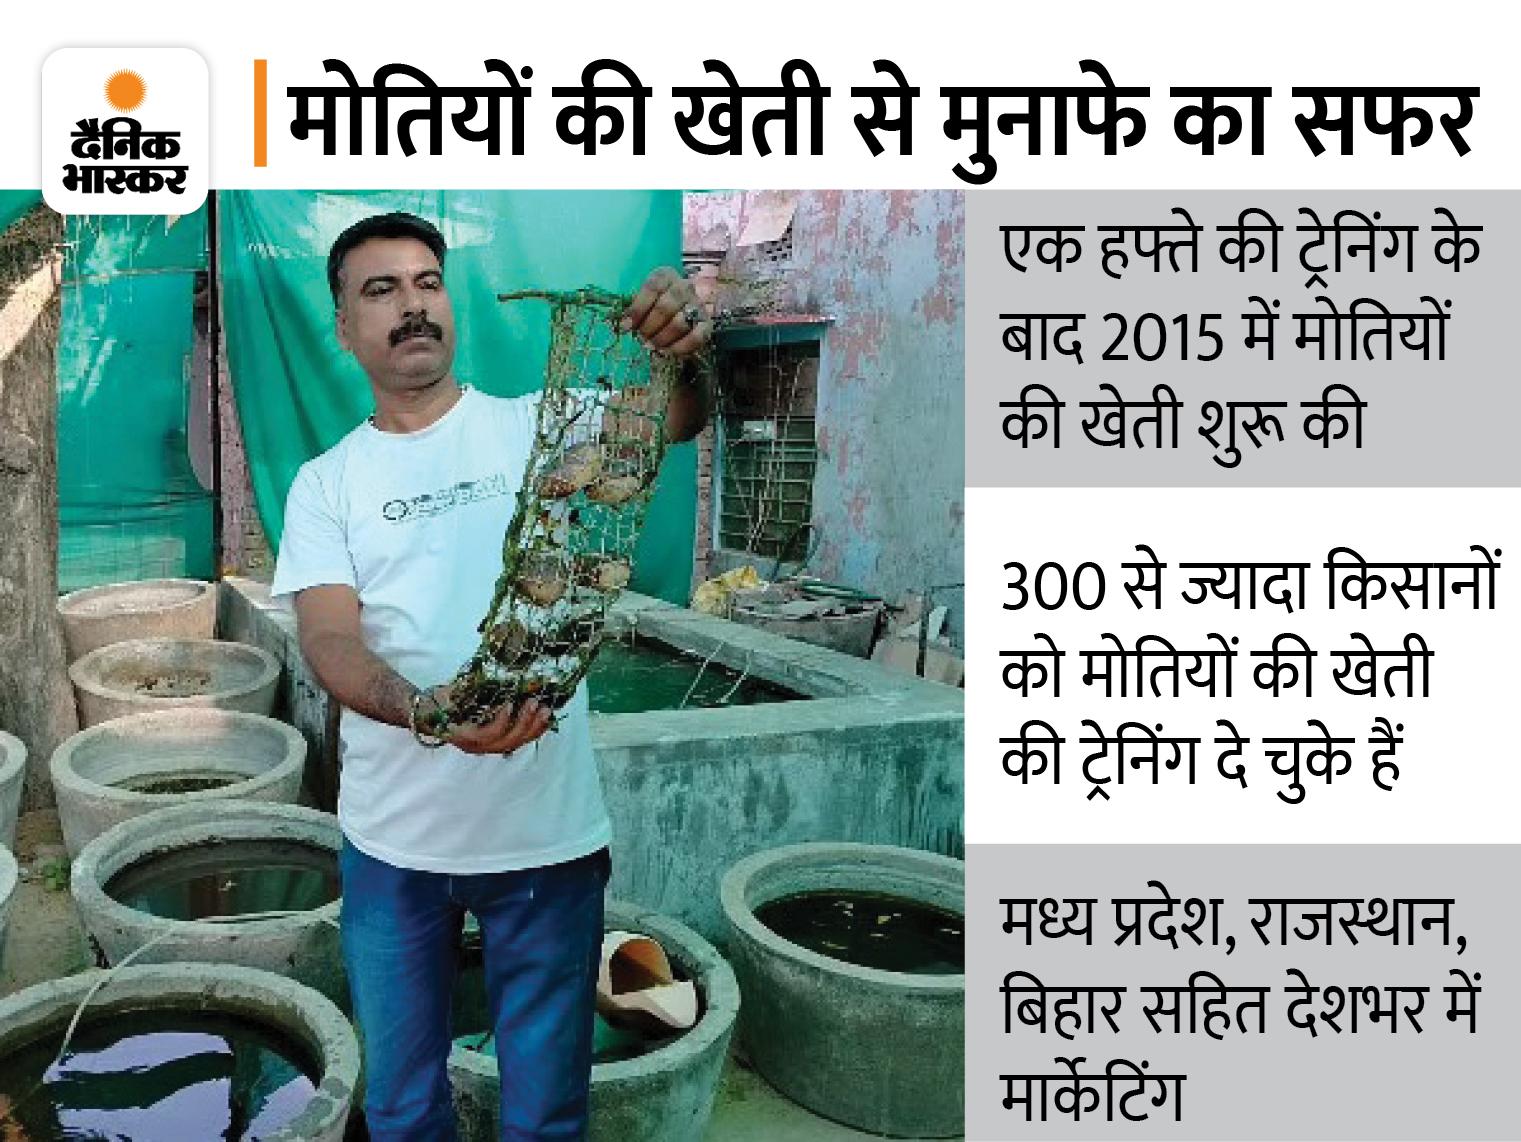 जयपुर के नरेंद्र ने 6 साल पहले 30 हजार रु. से मोतियों की खेती शुरू की, अब सालाना 4 लाख रु. कमा रहे मुनाफा|DB ओरिजिनल,DB Original - Dainik Bhaskar